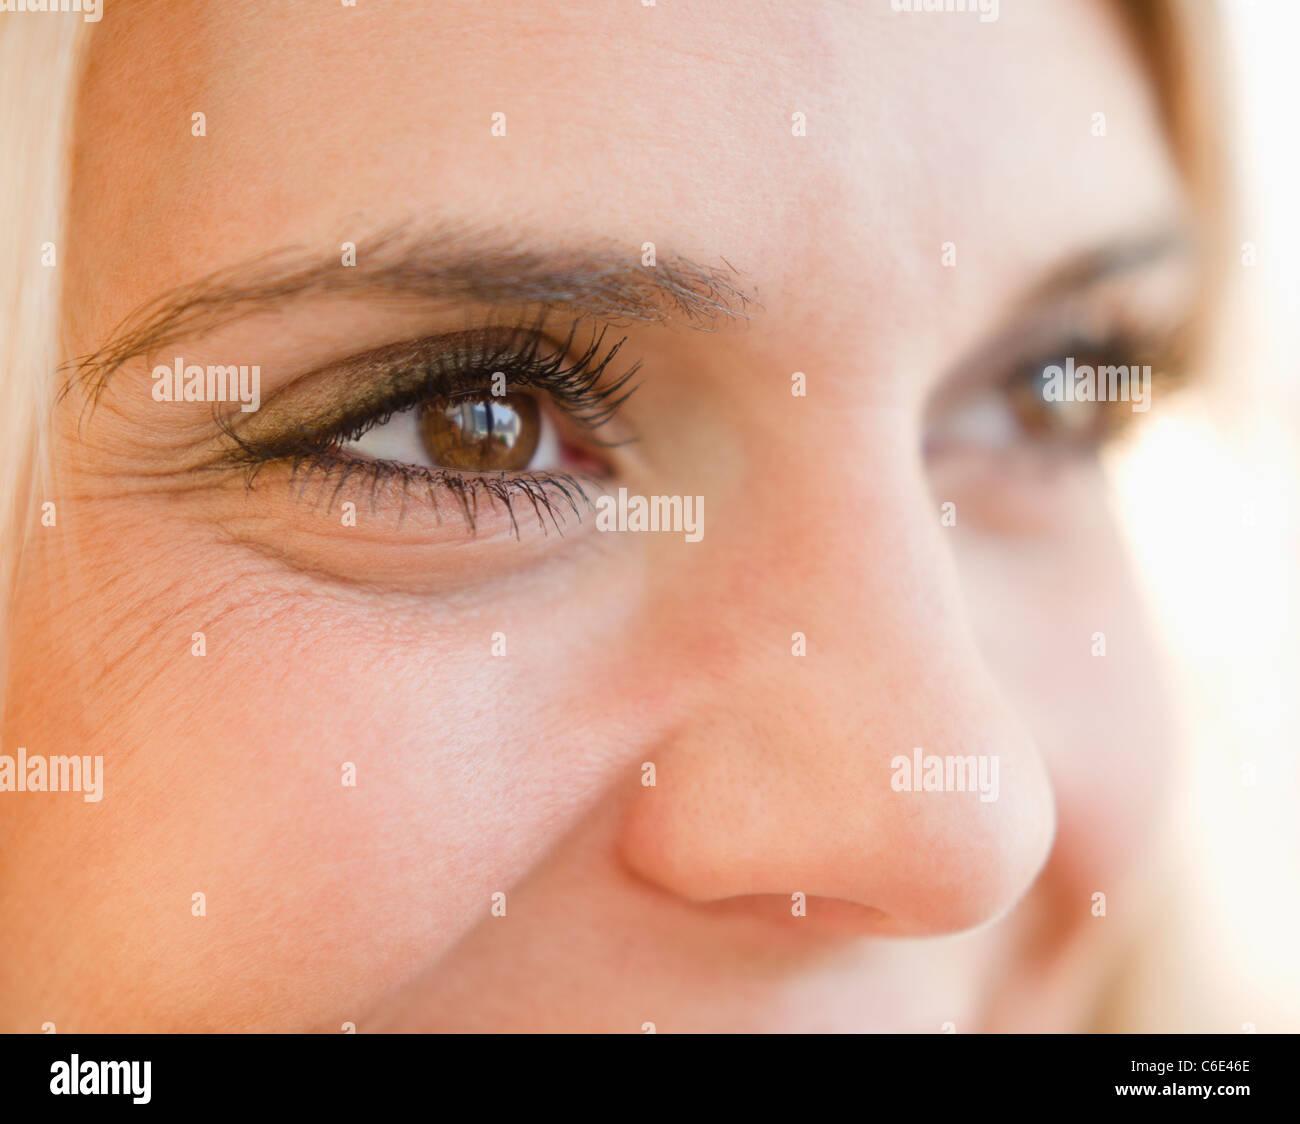 USA, New Jersey, Jersey City, Close up of eyes of beautiful woman - Stock Image